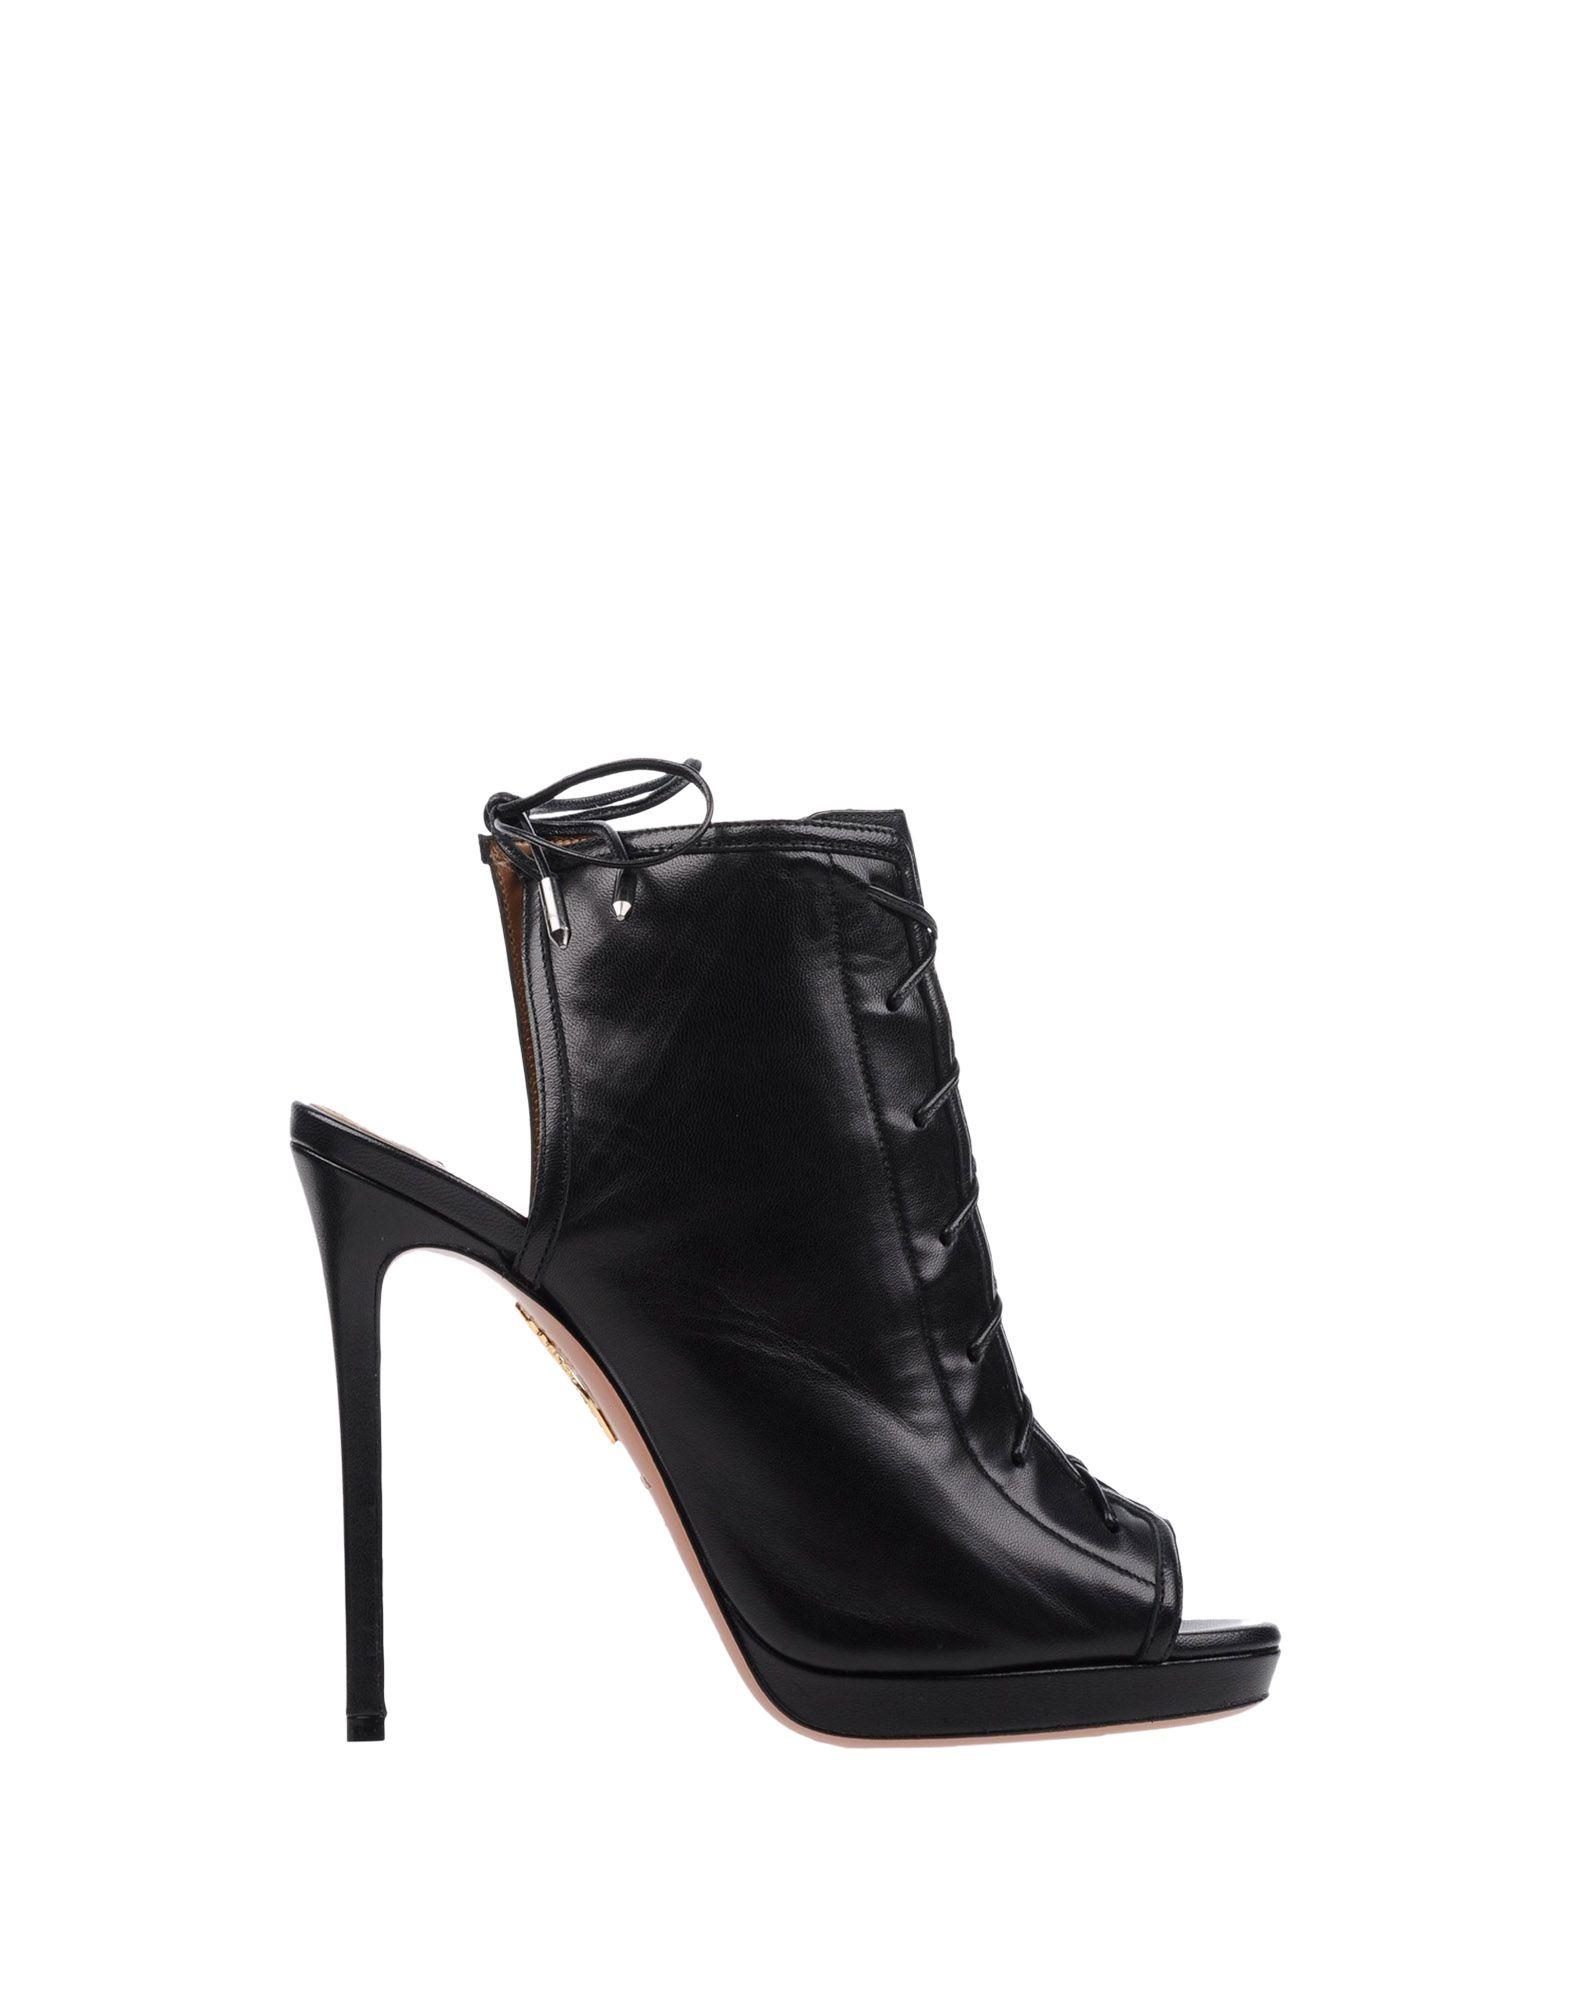 Aquazzura Sandalen aussehende Damen  11364859UKGünstige gut aussehende Sandalen Schuhe 427246